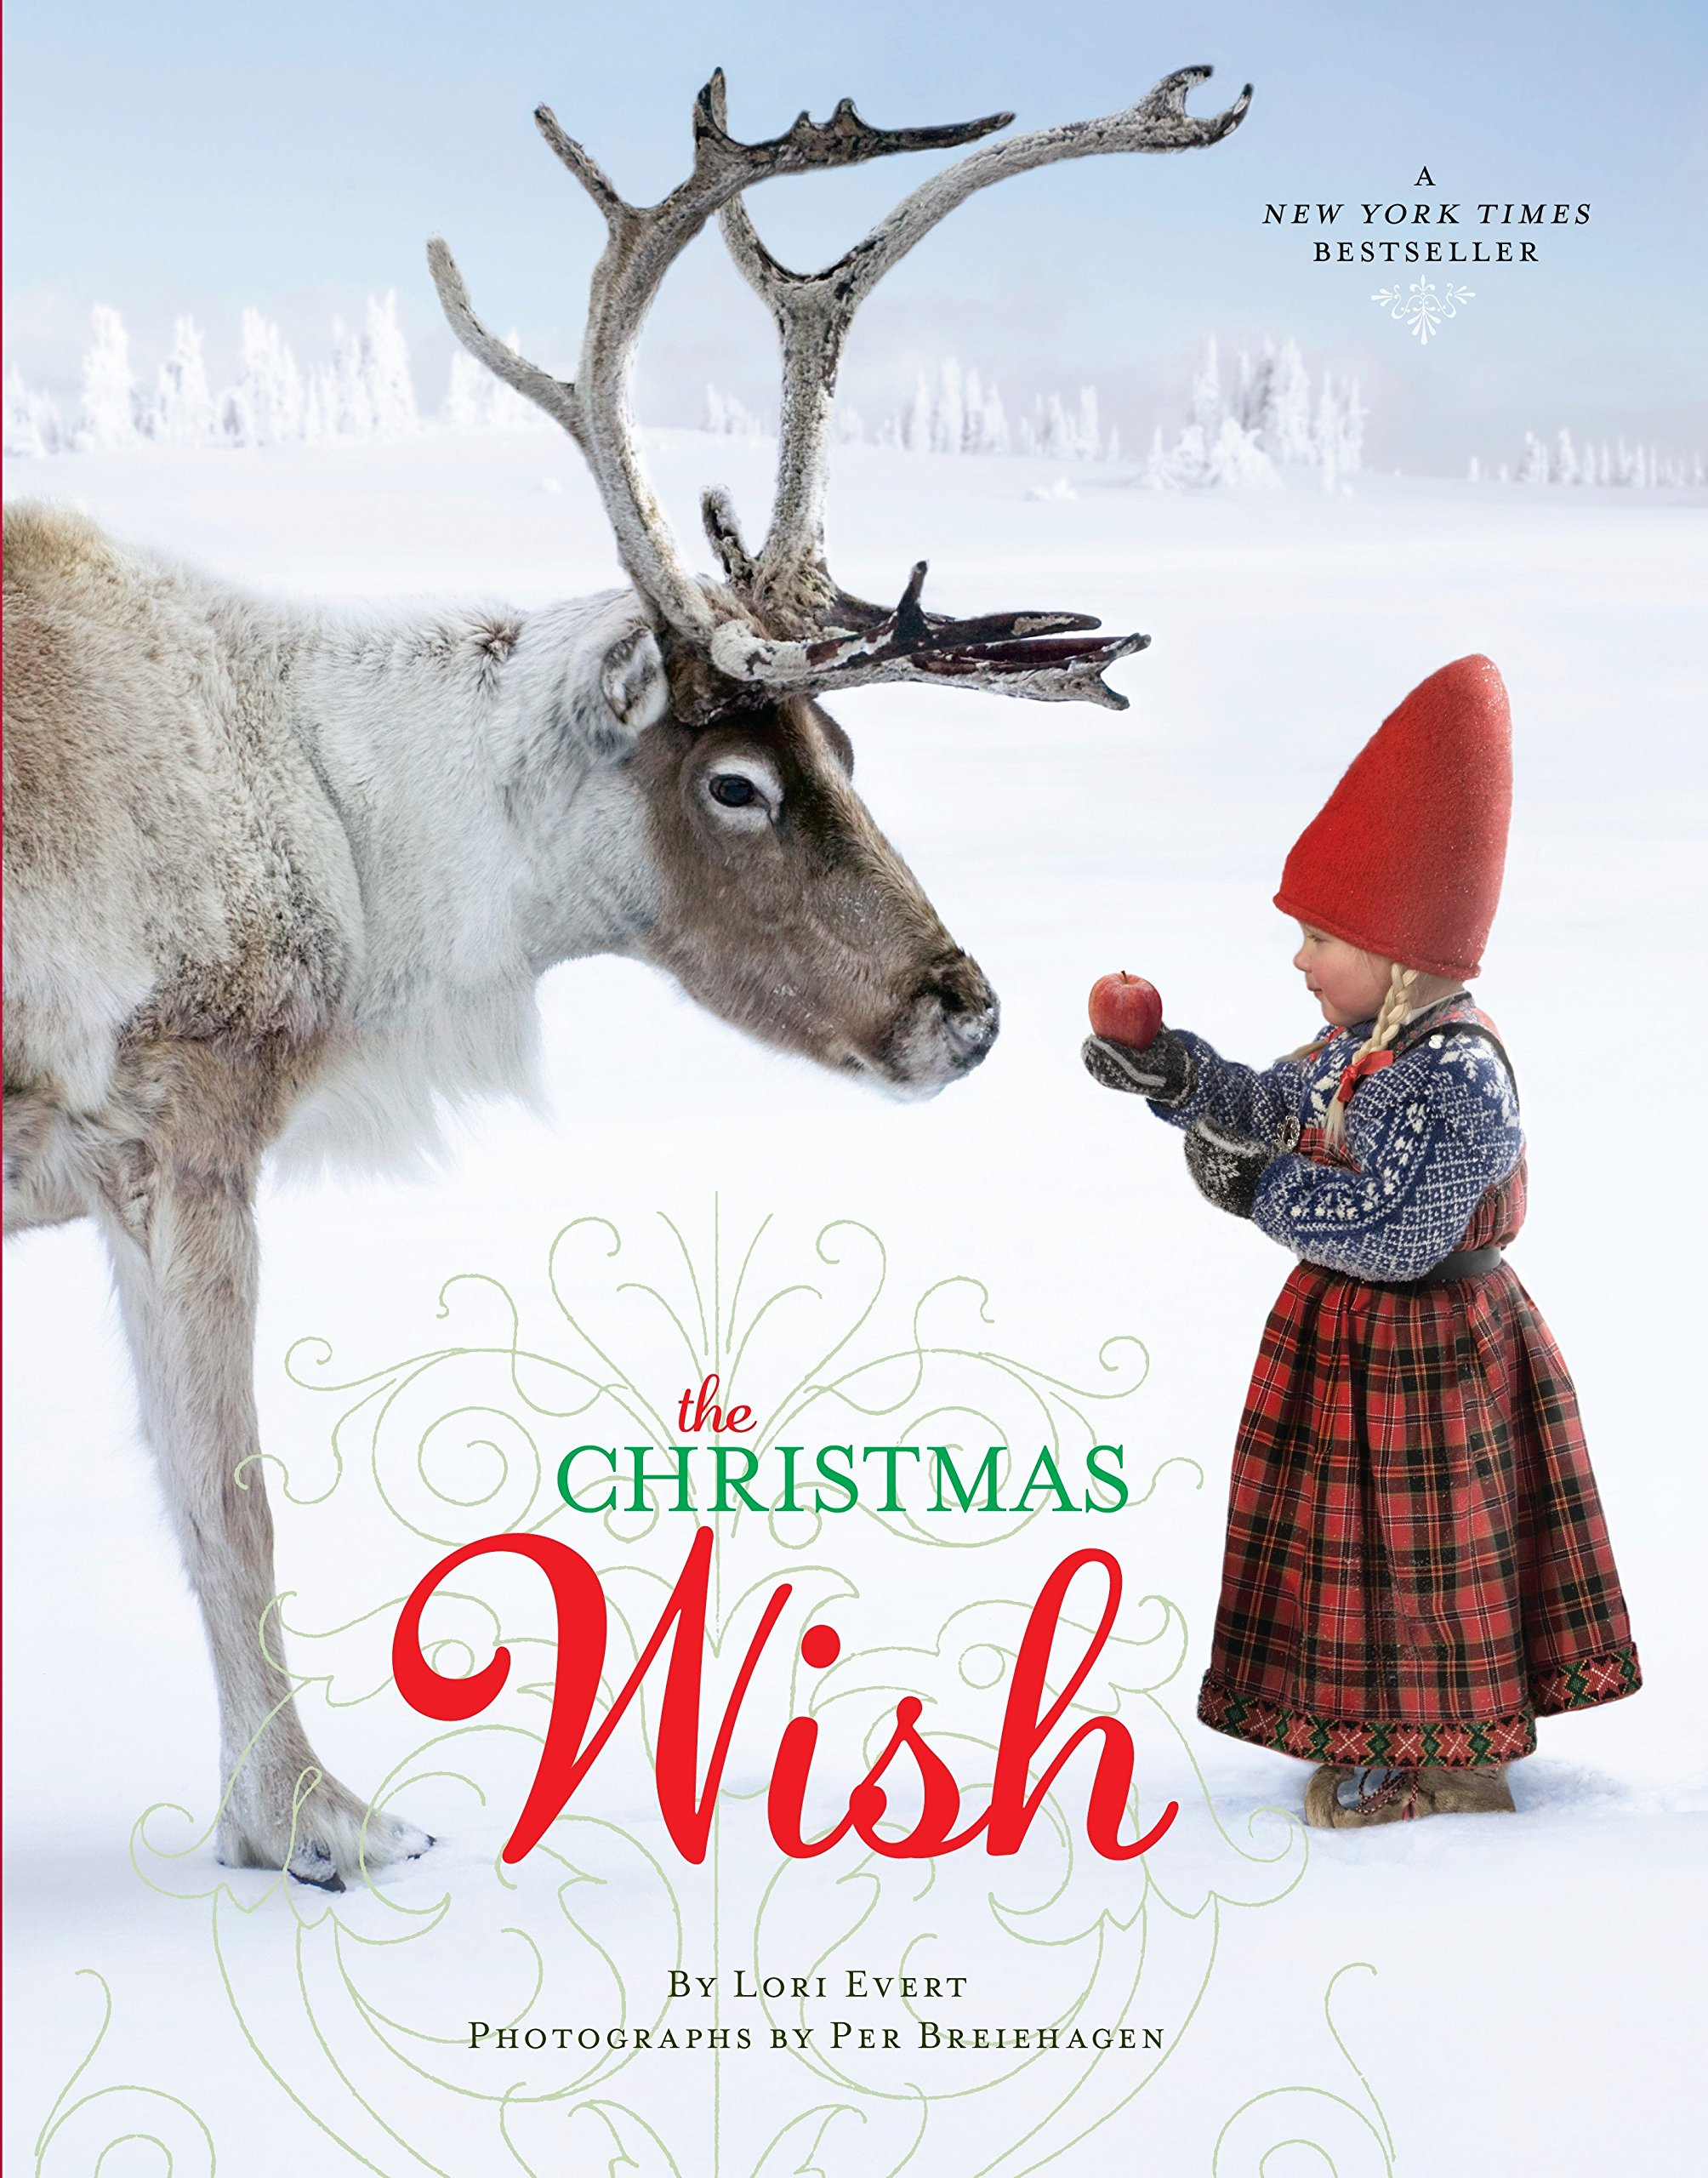 The Christmas Wish (Wish Series): Lori Evert, Per Breiehagen ...